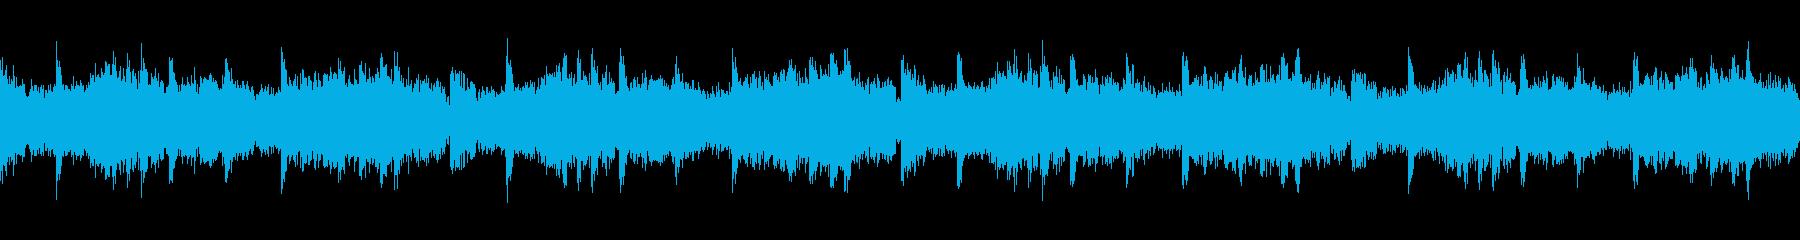 【ループ/リズム&コーラスのみ】アンセムの再生済みの波形